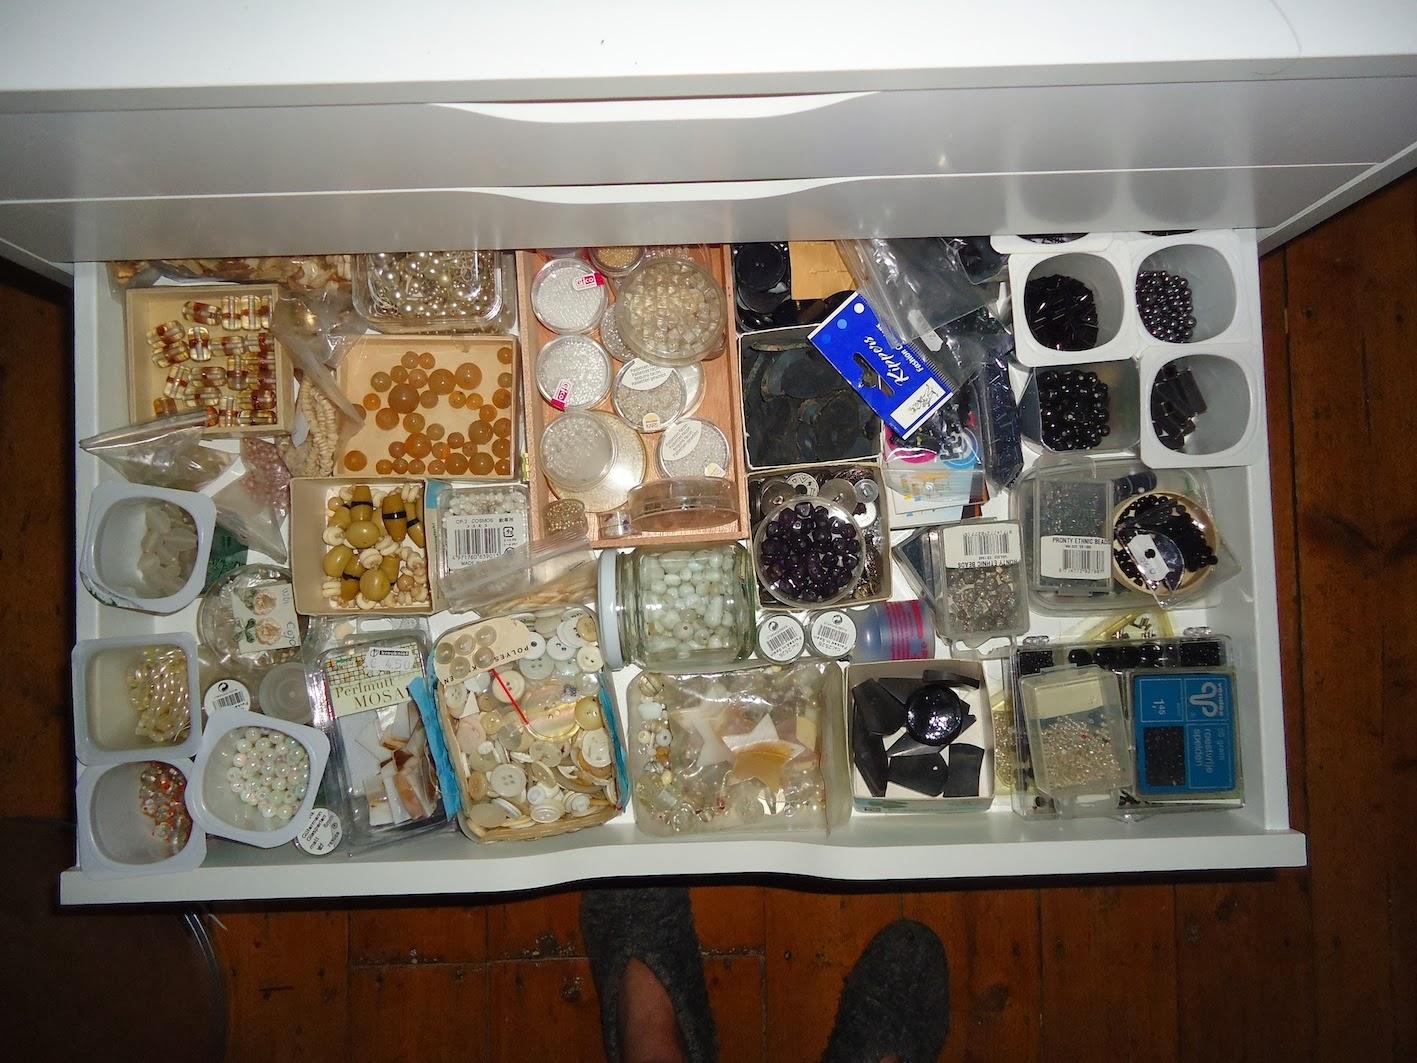 Tisnietzwartwit geluk in een klein kastje for Ikea ladenblok alex